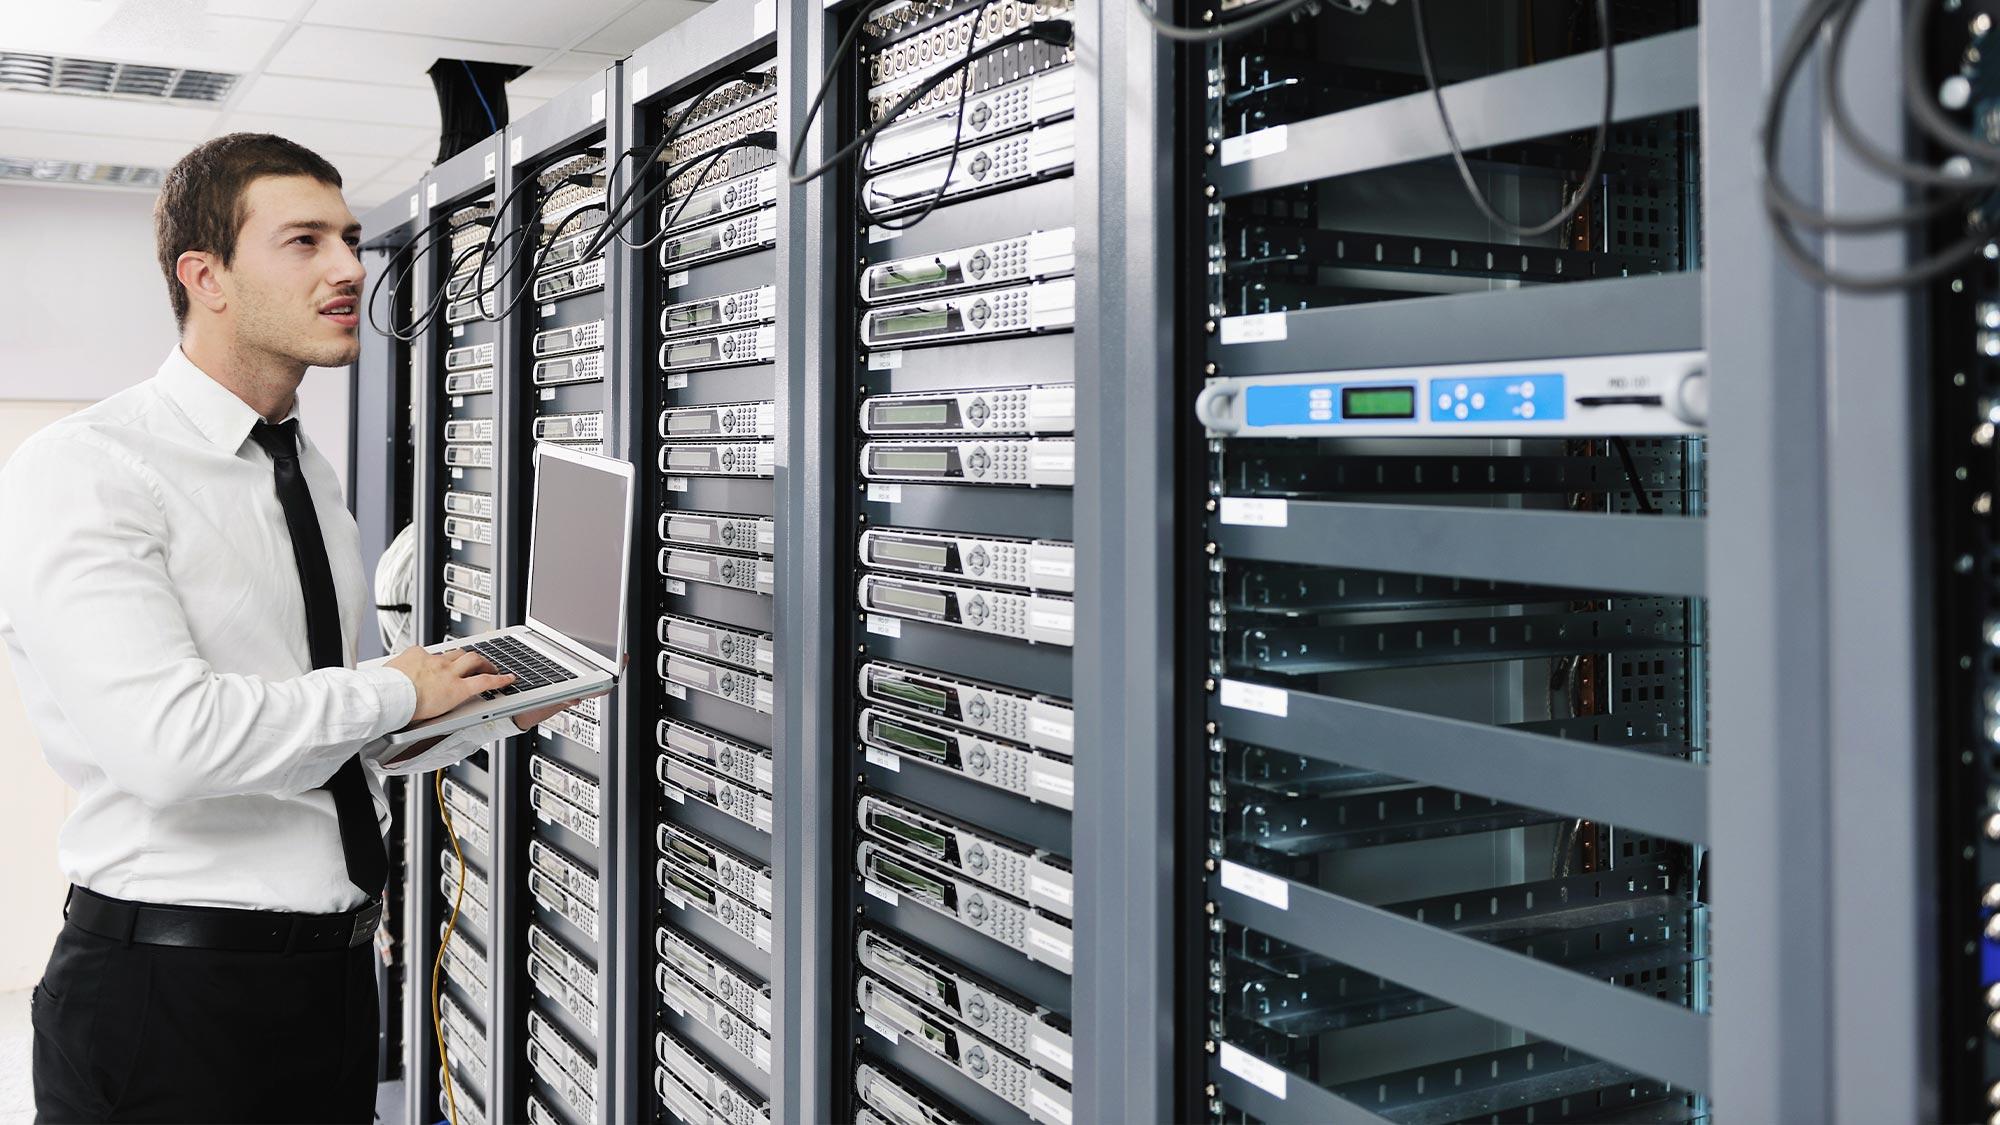 ITインフラストラクチャの構築